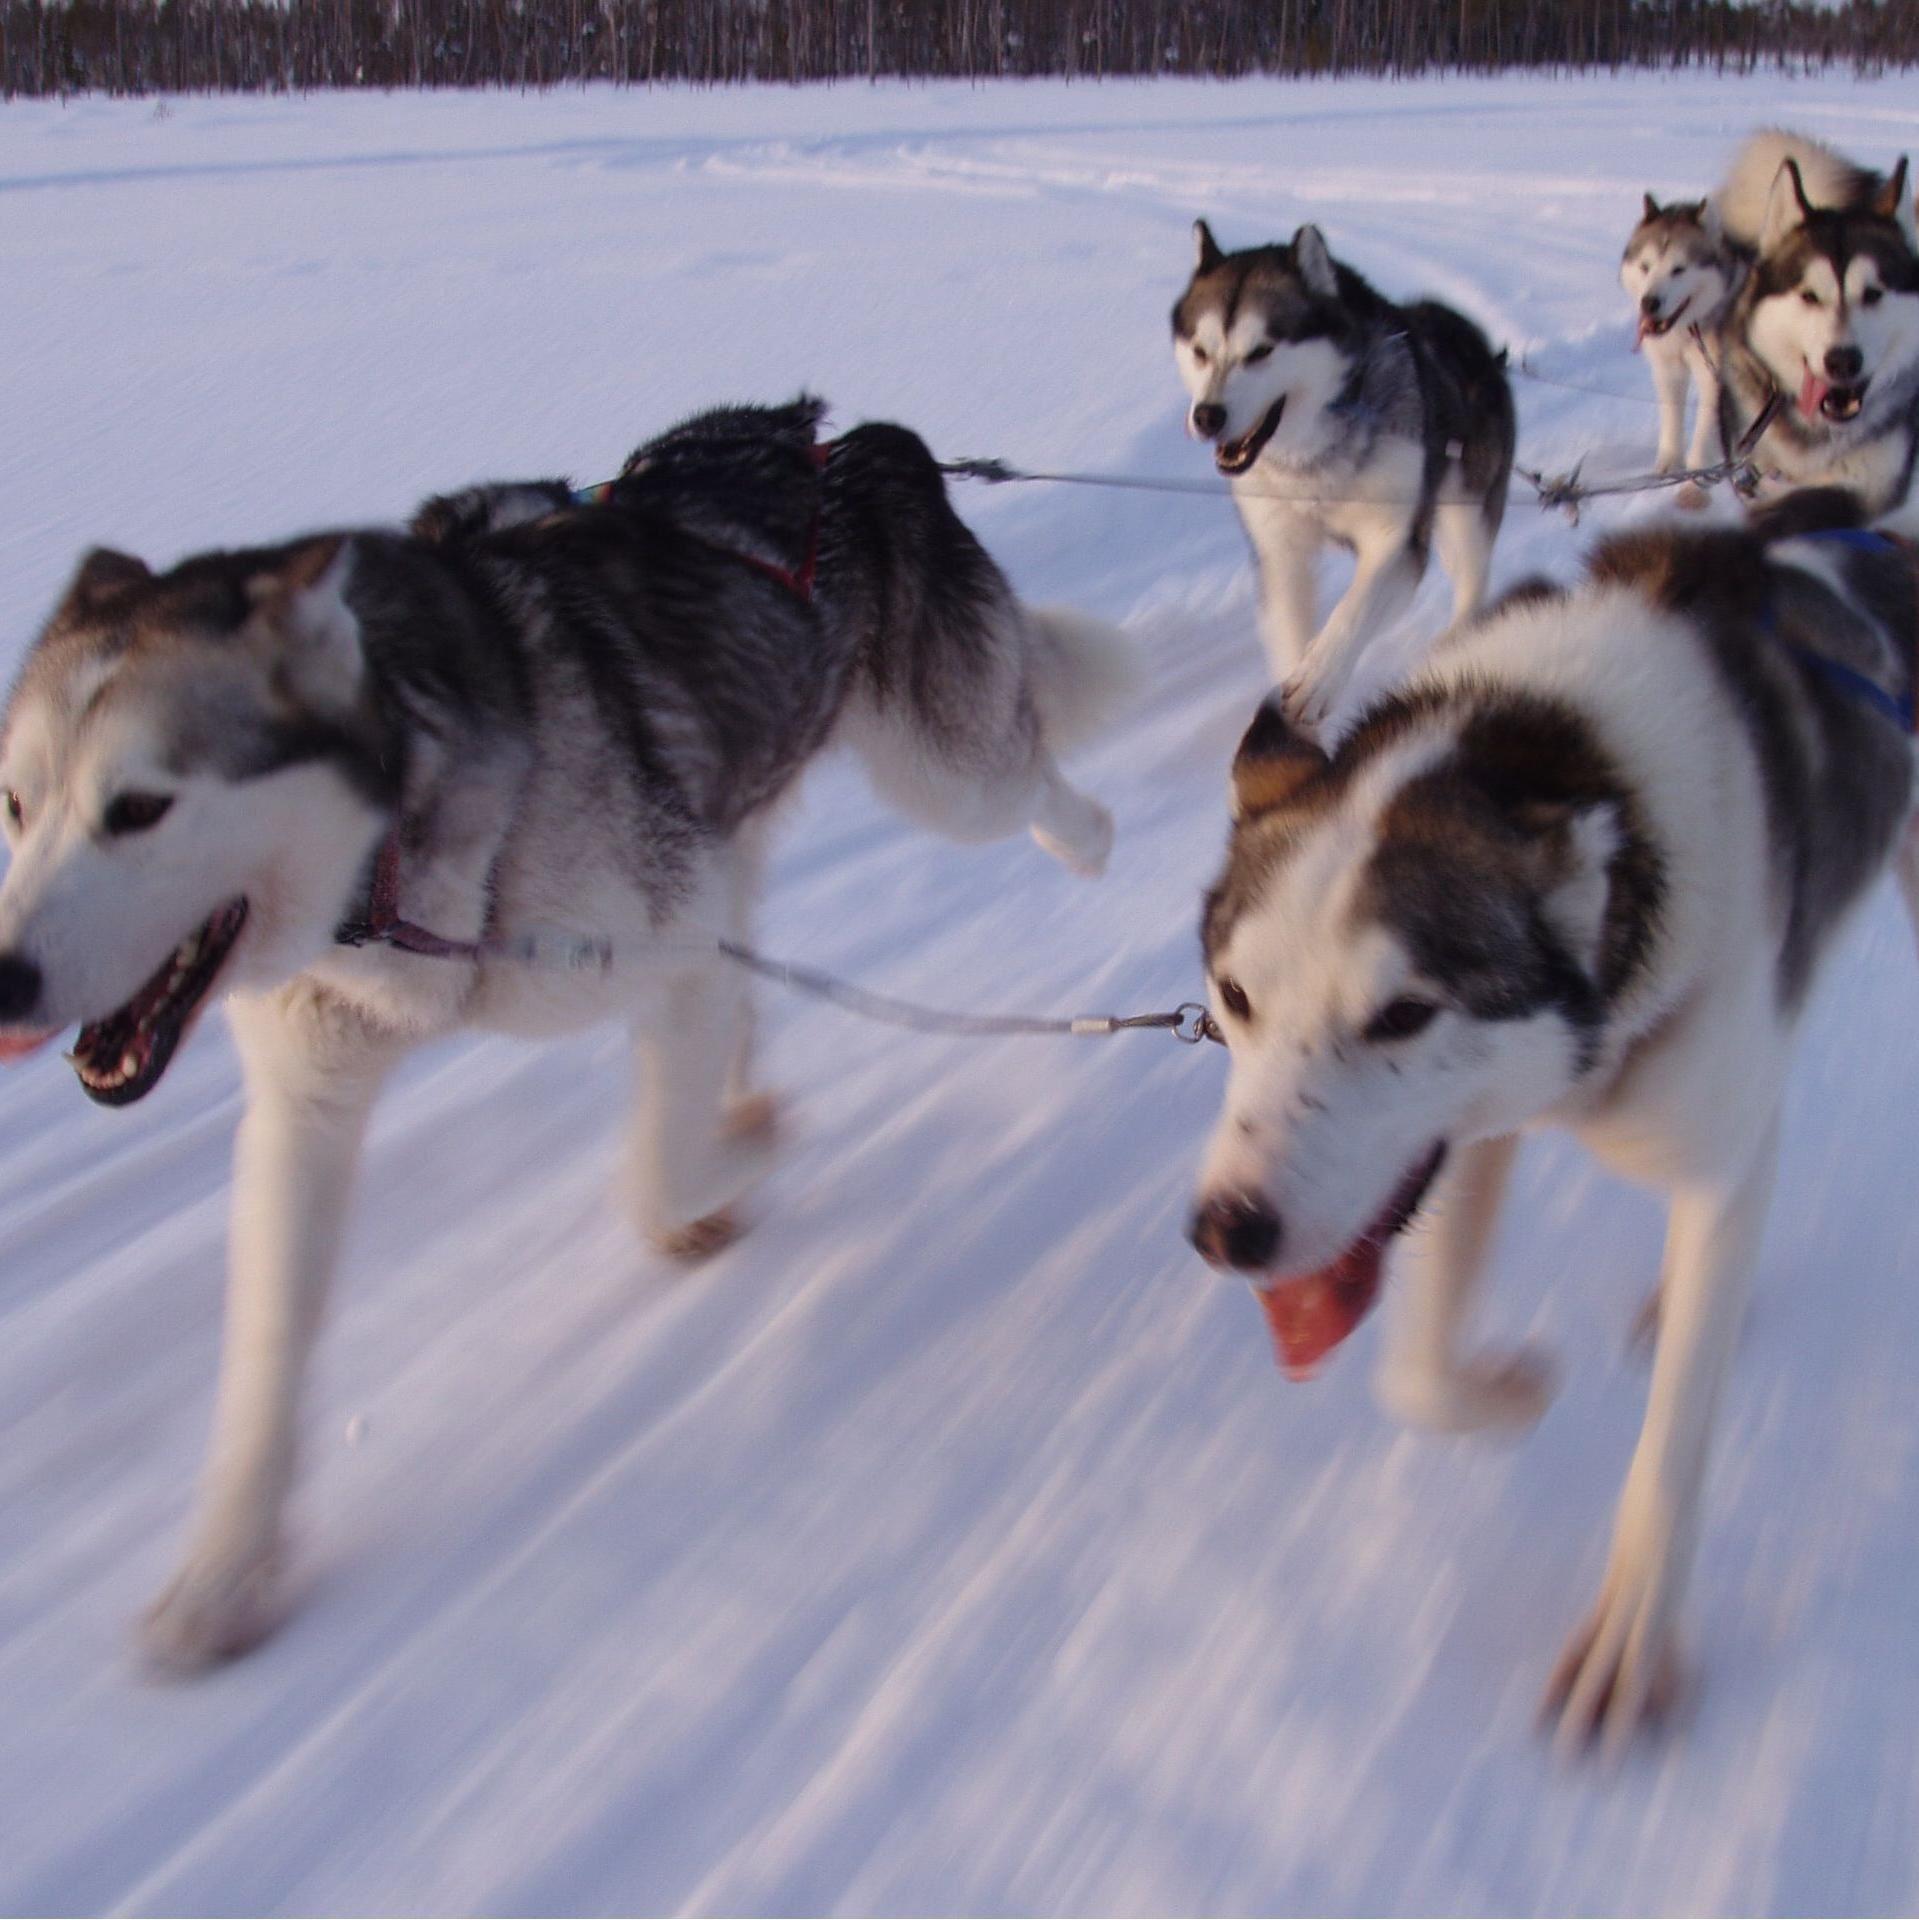 © www.vildmarksupplevelse.se, Nordisk Vildmarksupplevelse Dogsledding in Sörsjön